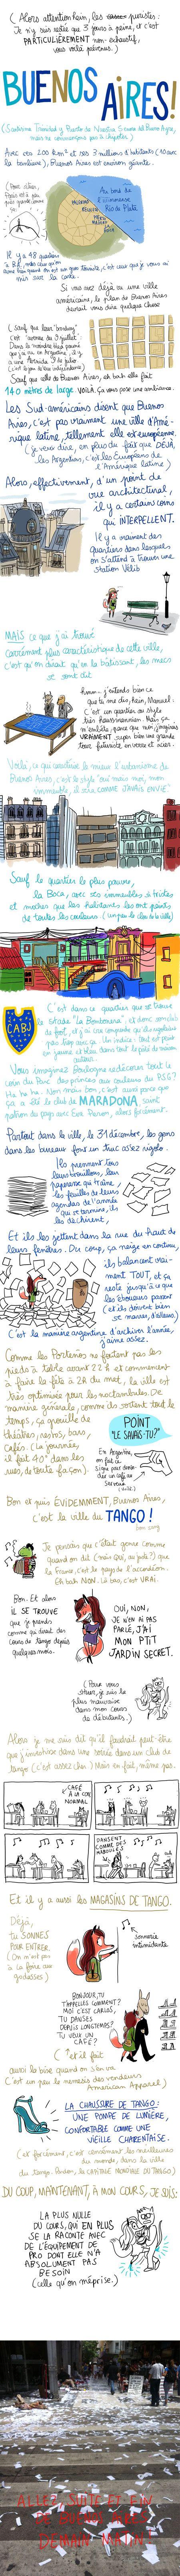 Quando a ilustradora francesa Penélope Bagieu chegou a Buenos Aires foi assim... (parte 1)